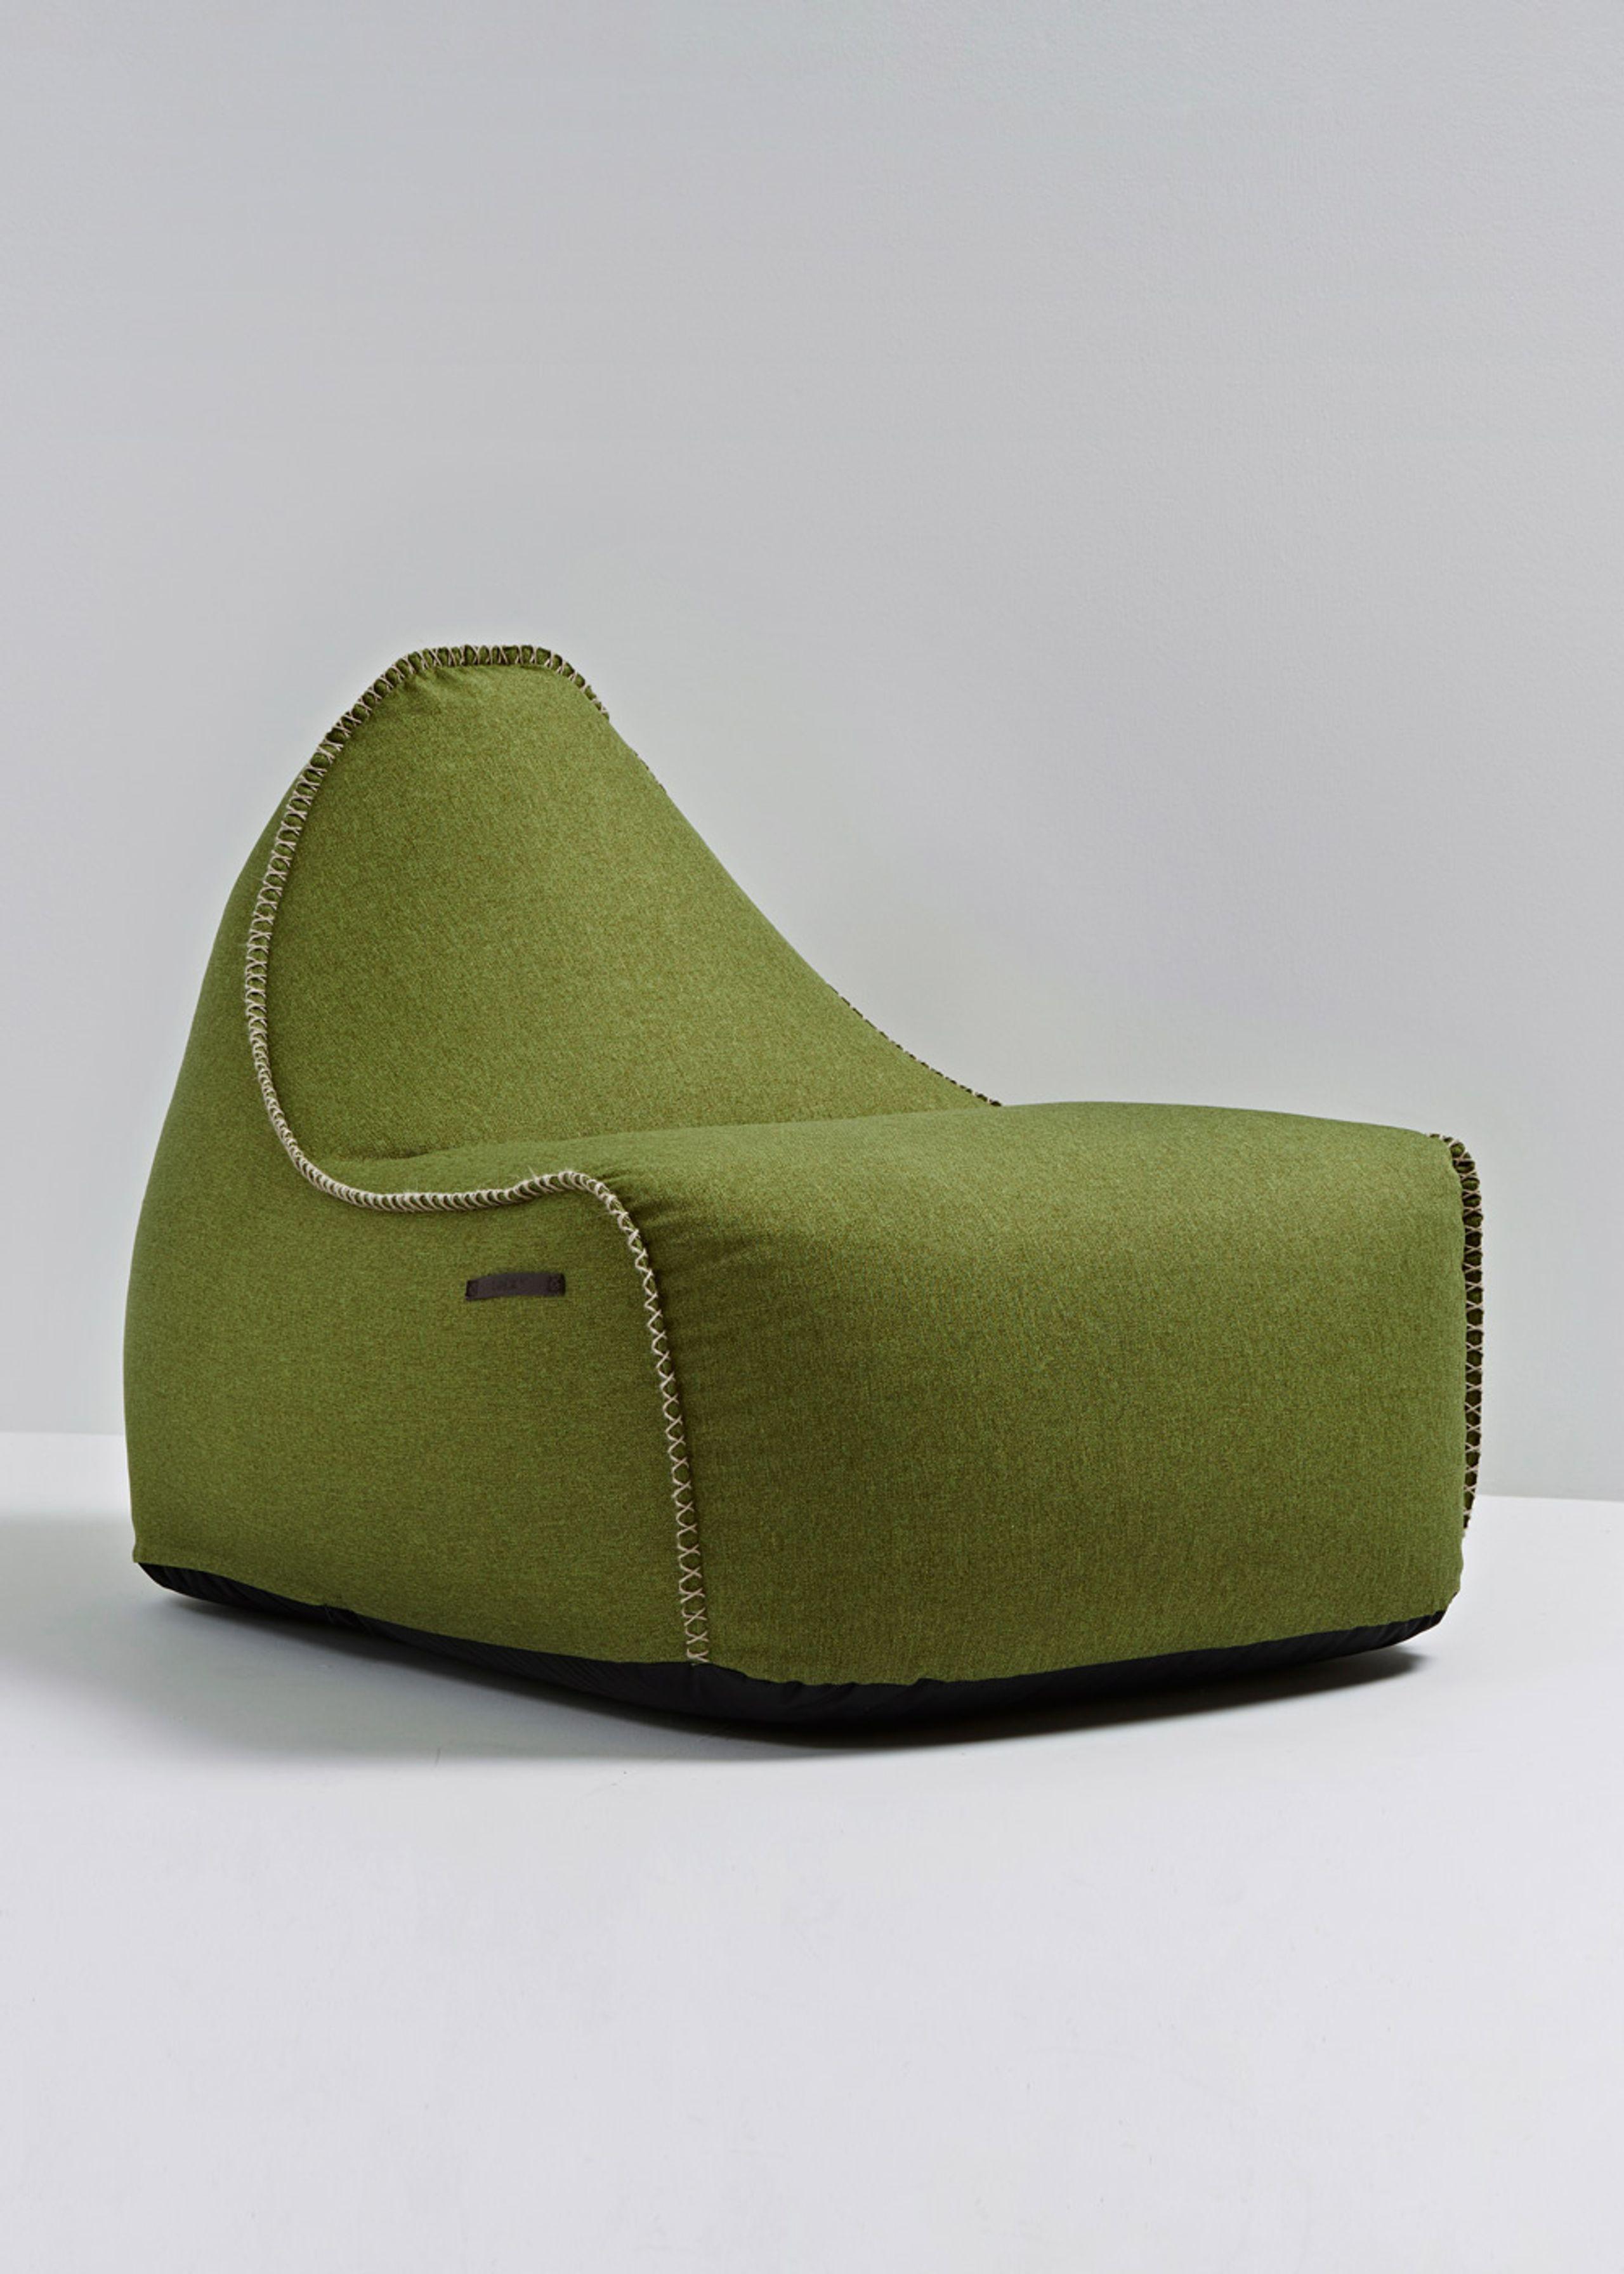 Retroit medley / luksus sækkestol